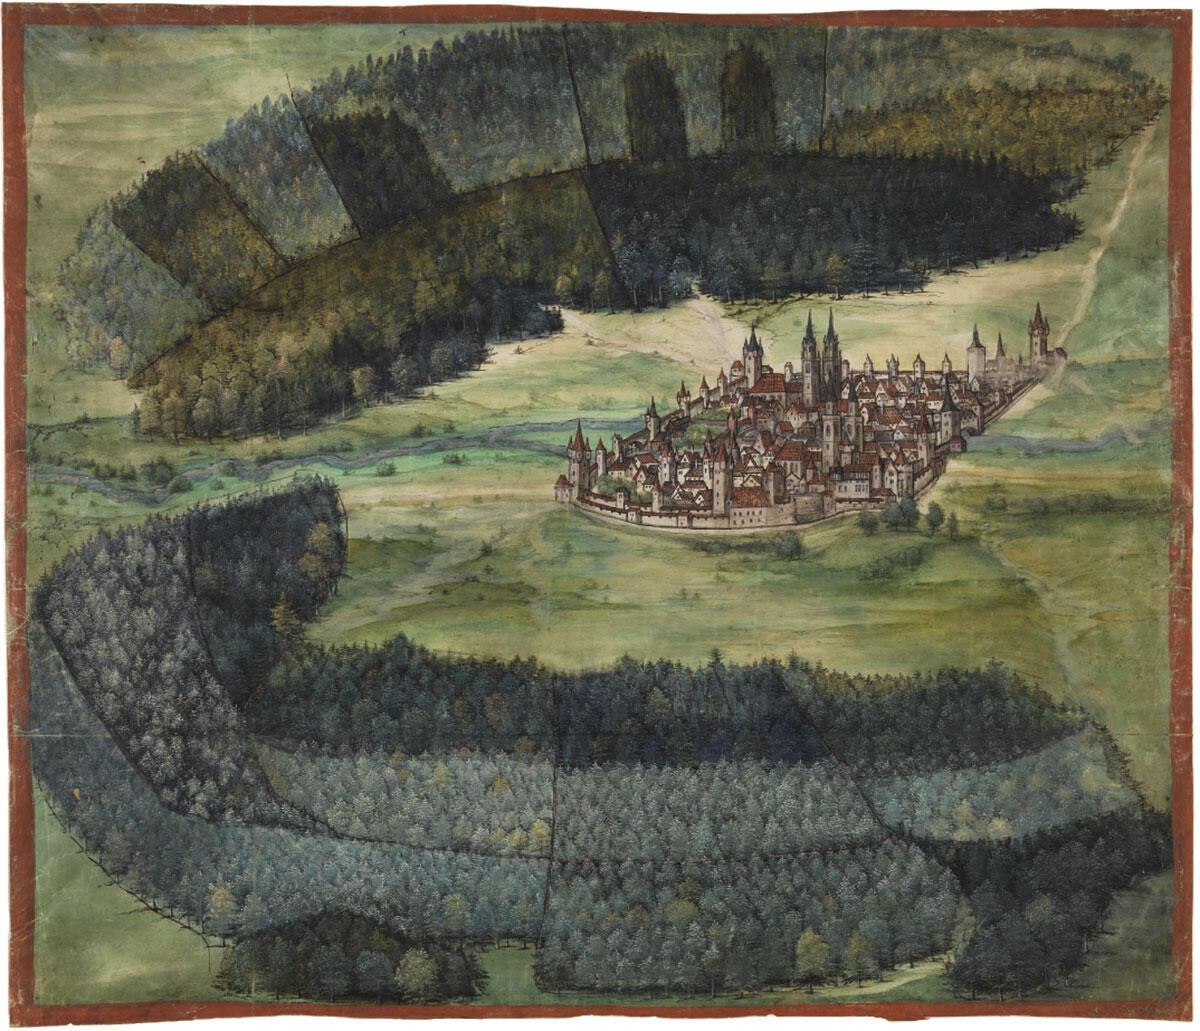 Erhard Etzlaub gestaltete den «Nürnberger Waldplan» im Auftrag des städtischen Rates. Der Reichswald nördlich und südöstlich der Stadt misst rund 25 000 Hektar. Bereits 1385 verfügte man in Nürnberg eine Bannmeile in Stadtnähe, um die Ausplünderung der Forste («Baumfrevel») zu verhindern. Quelle: Germanisches Nationalmuseum Nürnberg.